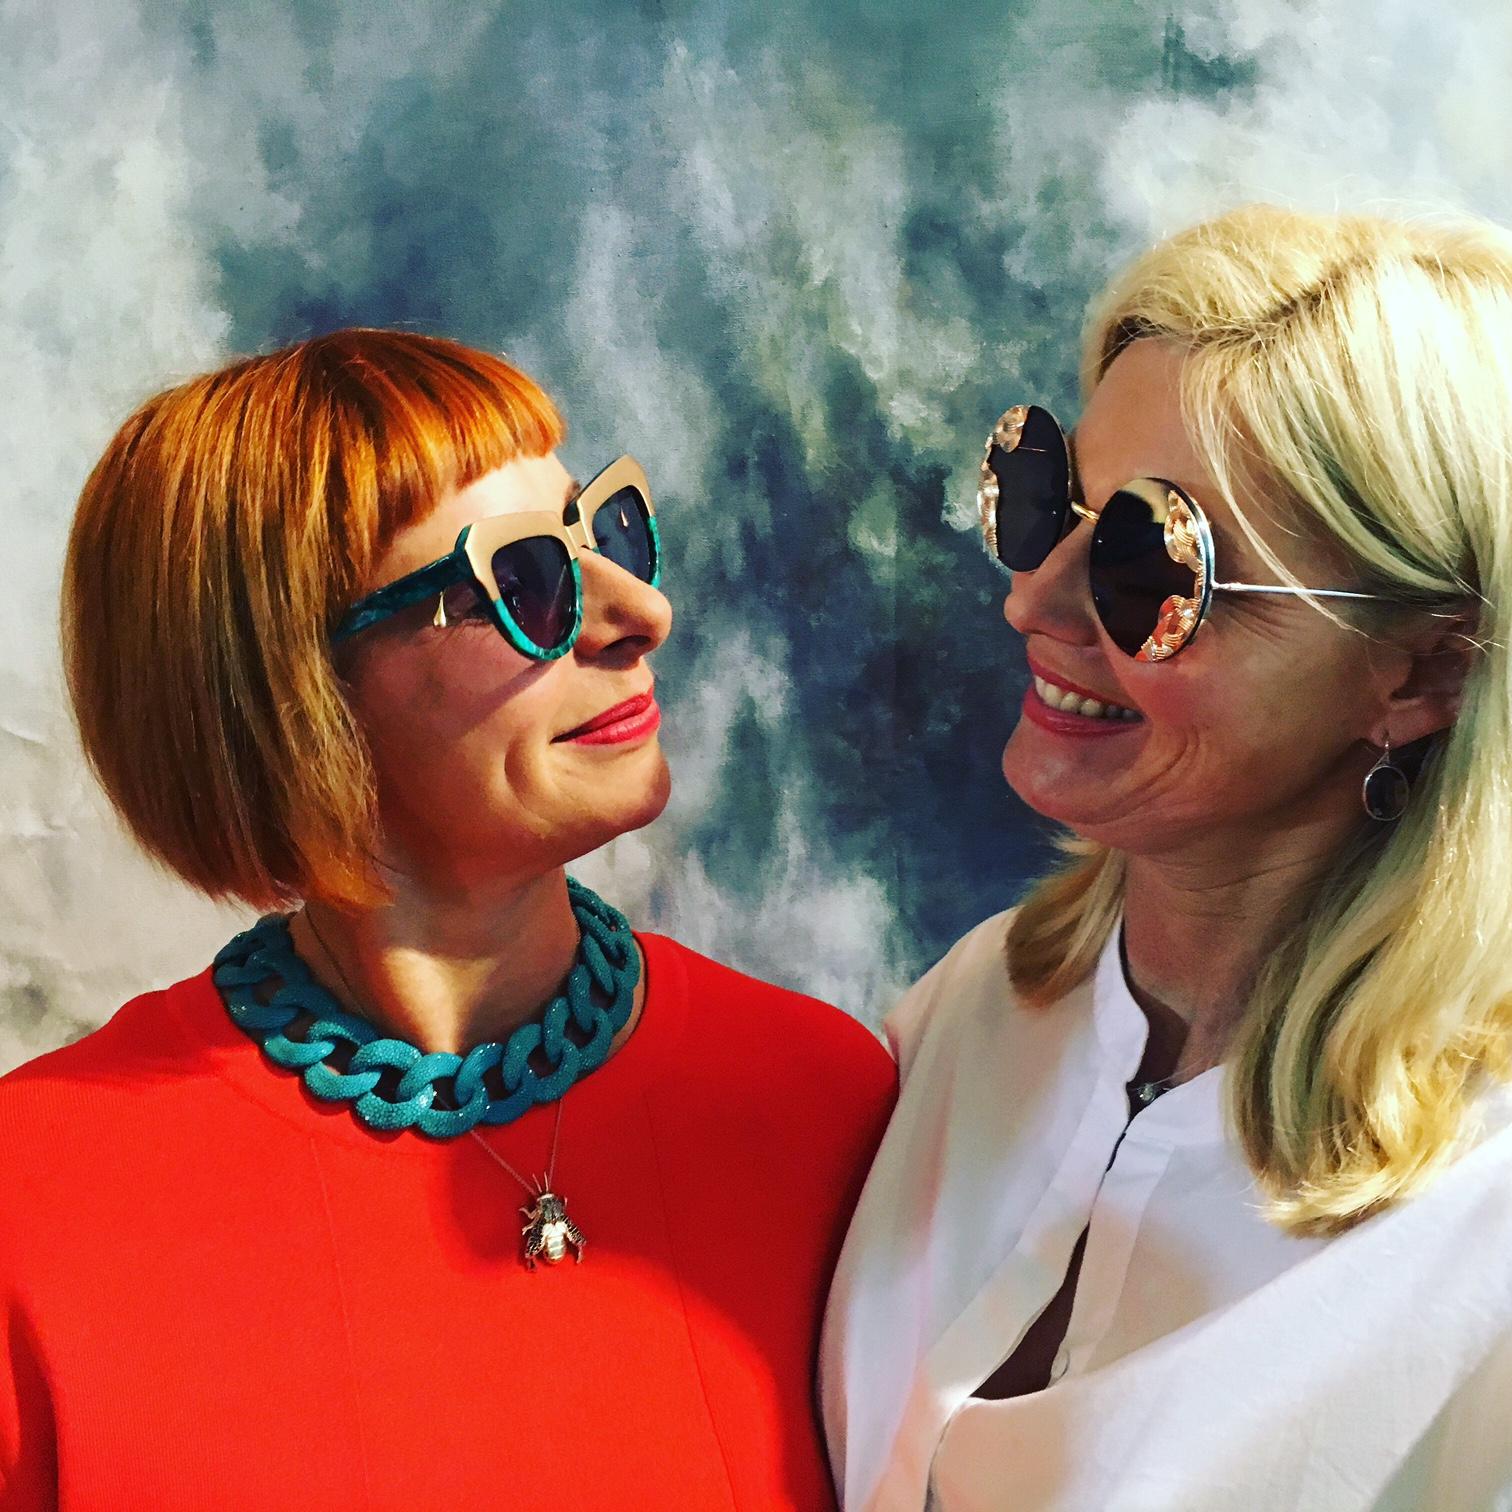 Lia Fallschessel Designer a cuckoo moment, Petra Dieners Bloggerin Lieblingsstil, Sonnenbrillen von Stylist Rolf Buck, Rolf Buck Style, Lieblingsstil.com, 2